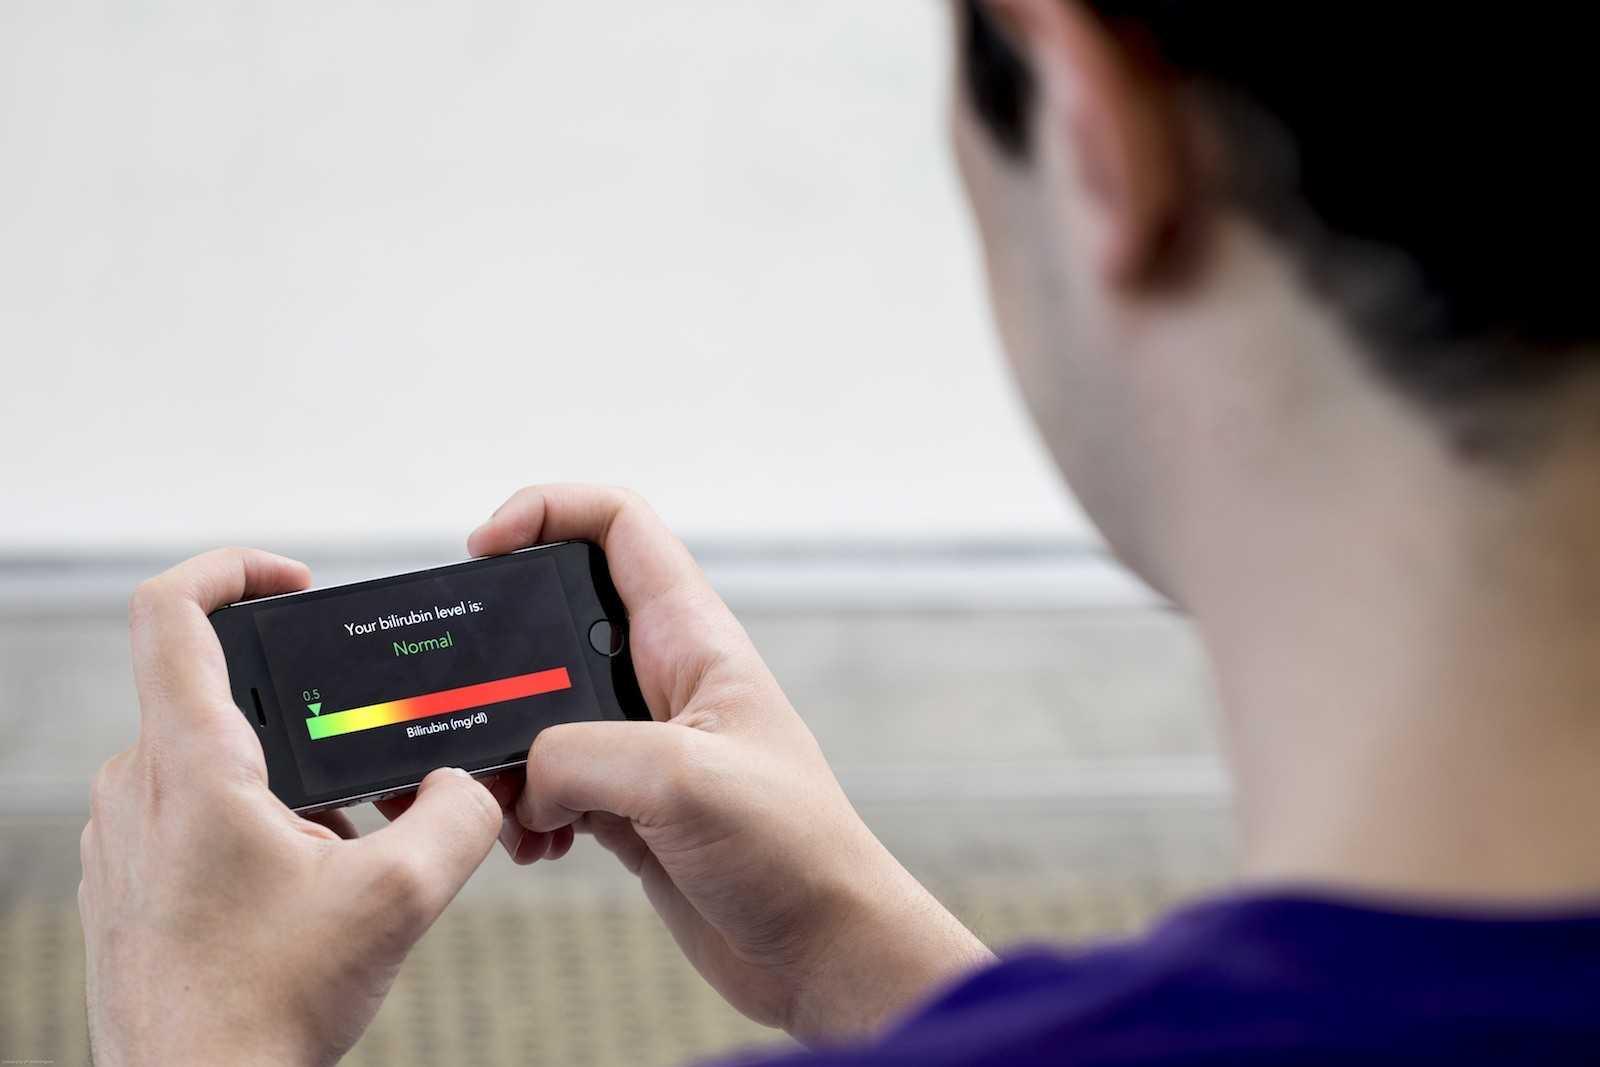 dpaeks Создано мобильное приложение, которое распознаёт рак поджелудочной поселфи